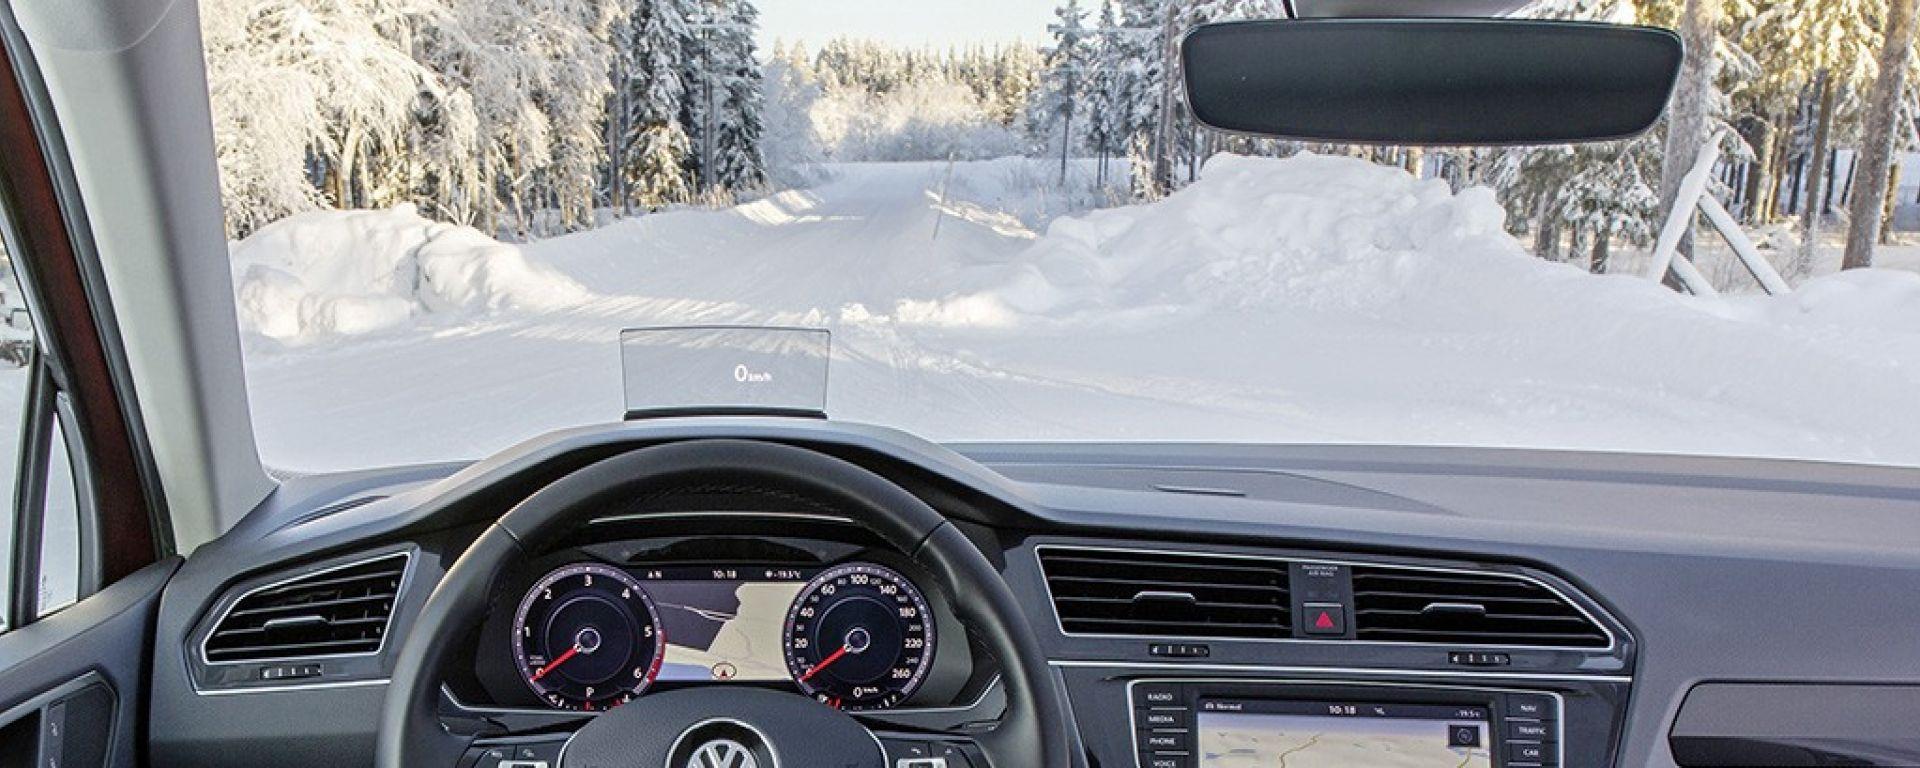 Volkswagen: il nuovo parabrezza climatico per Golf, Tiguan, Passat e Sharan